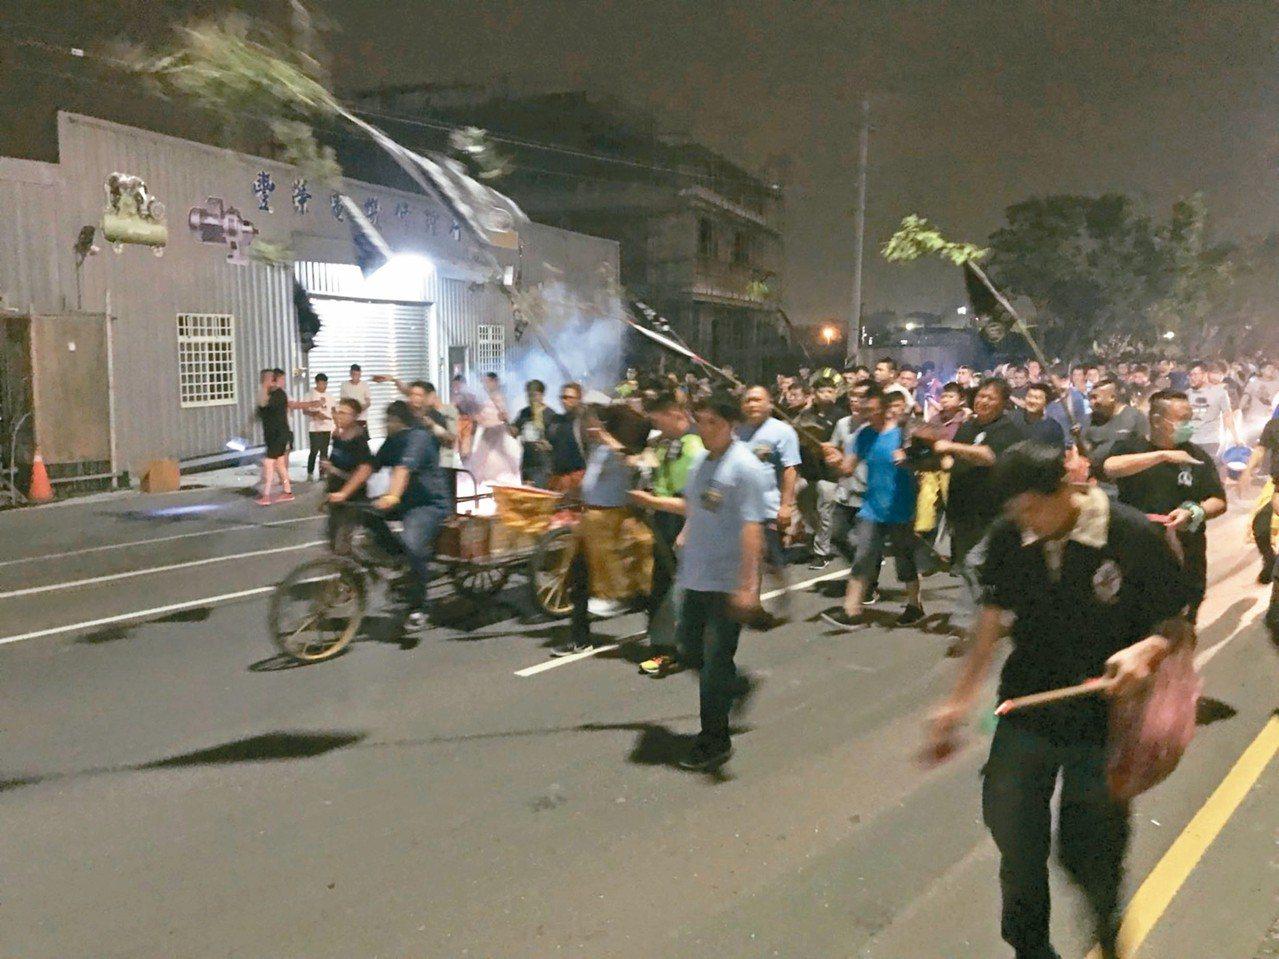 「送肉粽」是彰化沿海數百年的習俗,對發生過上吊不幸事件的地點,請法師或專業人士將...